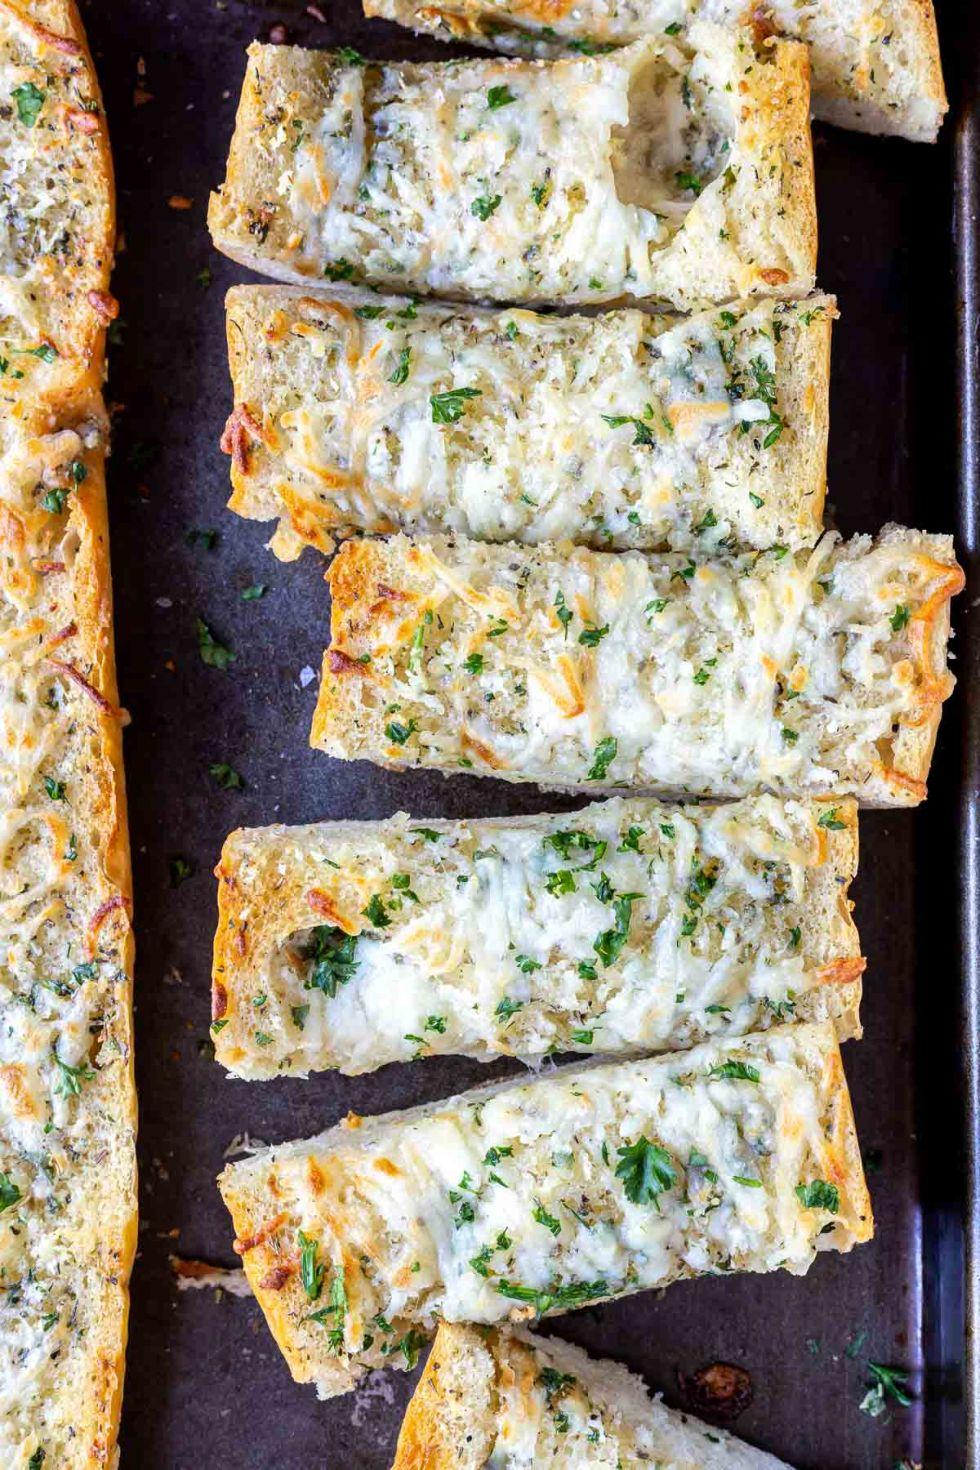 sliced baked garlic bread on baking sheet